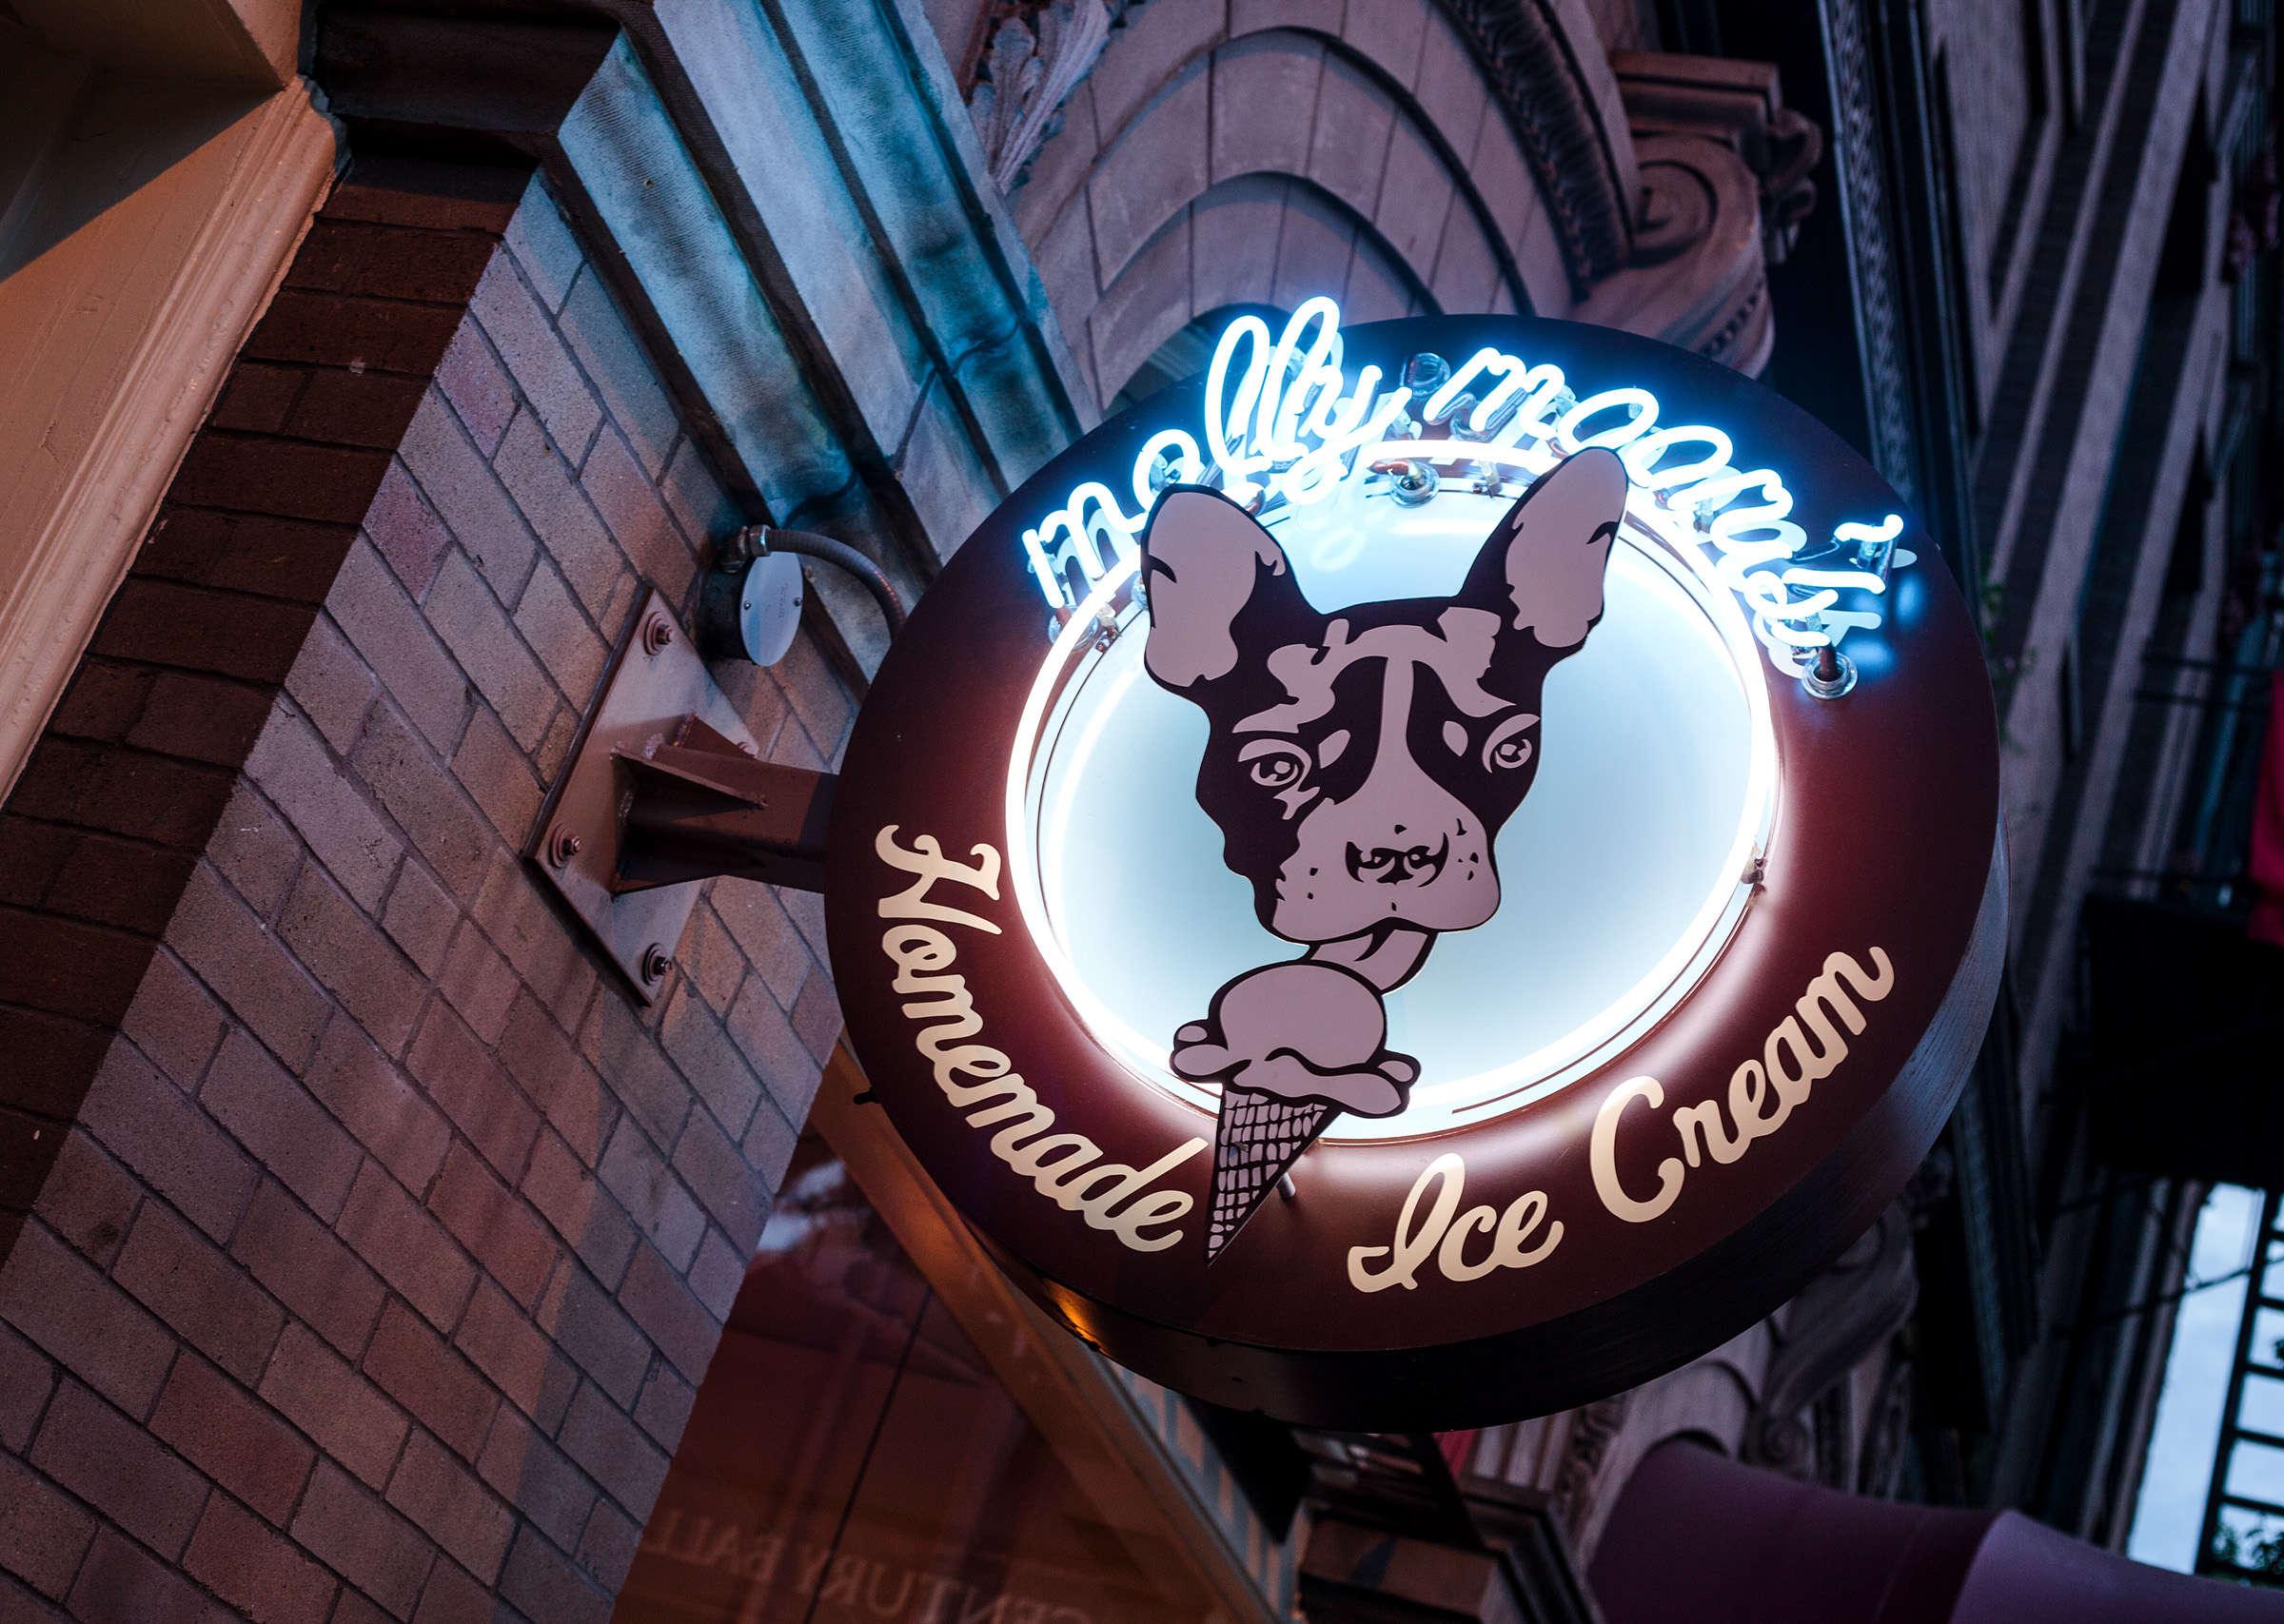 Molly Moon's Homemade Ice Cream Shop